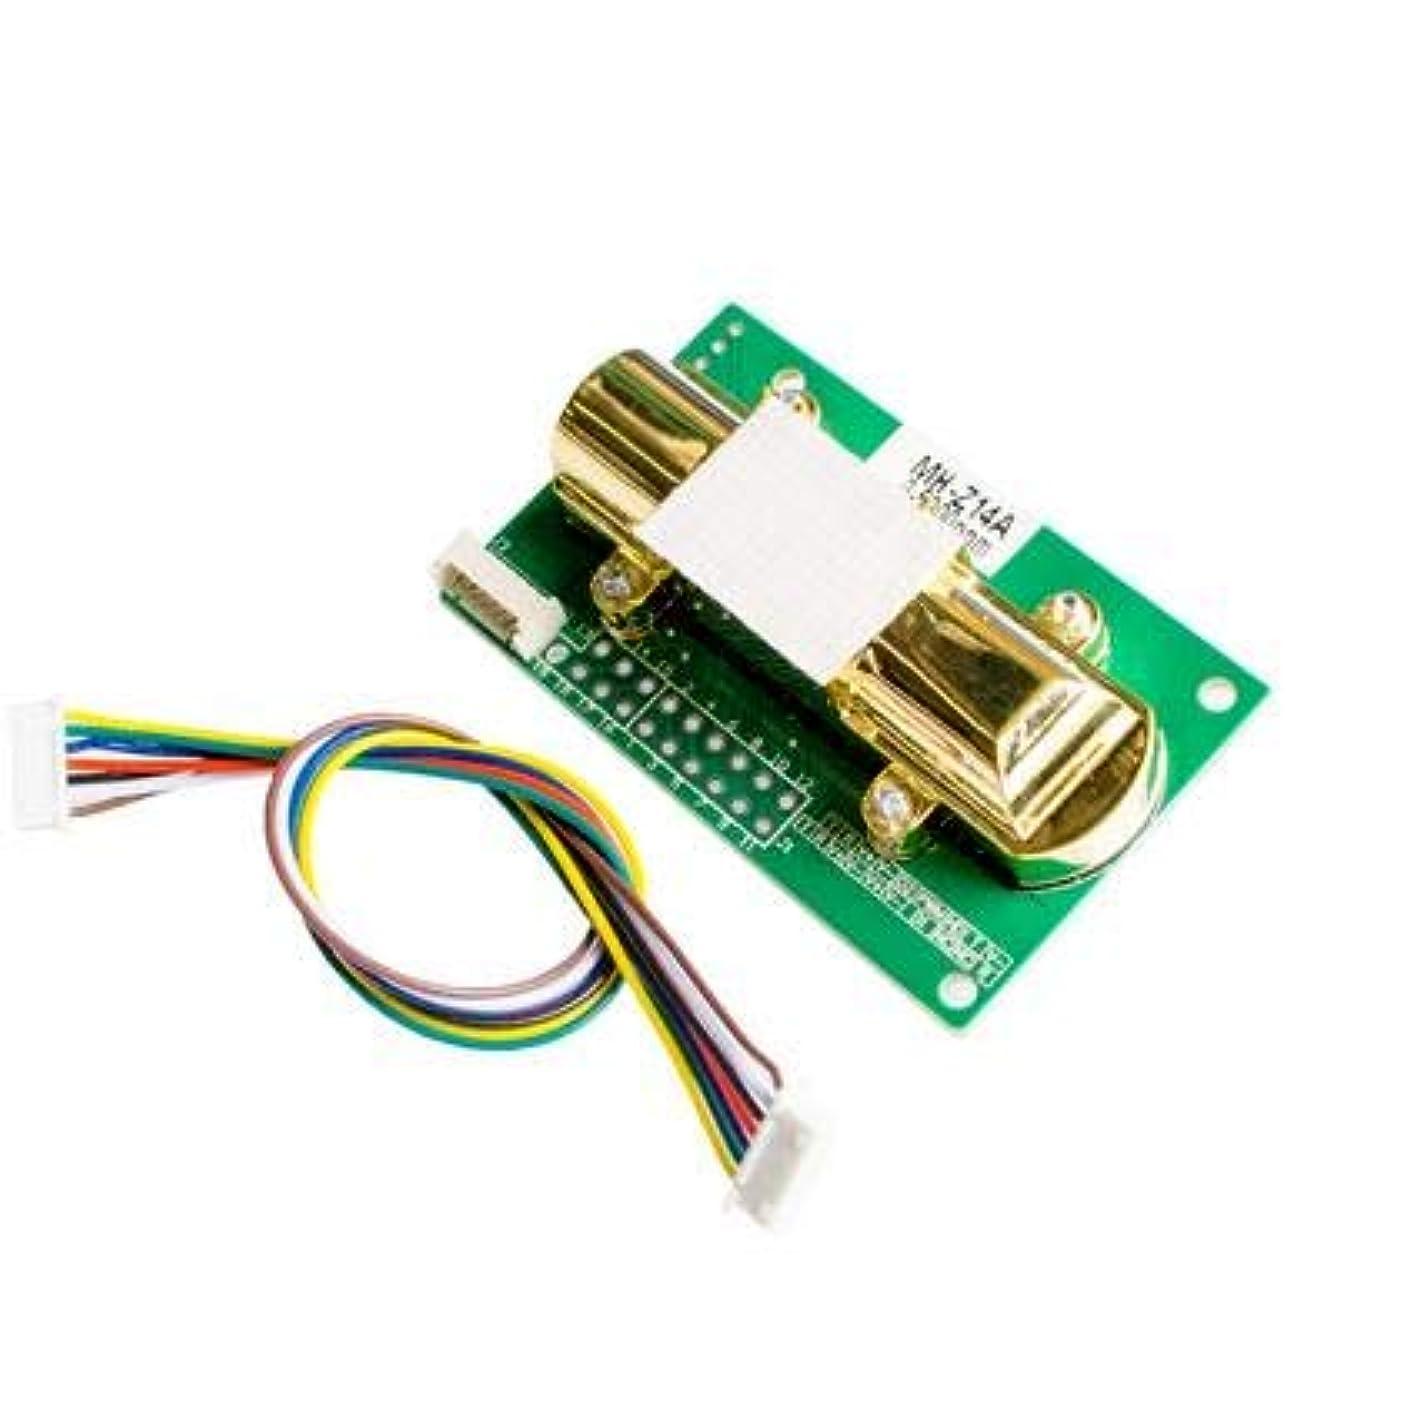 帝国主義わざわざ失業WillBest MH-Z14A Infrared carbon dioxide sensor module output environment monitoring